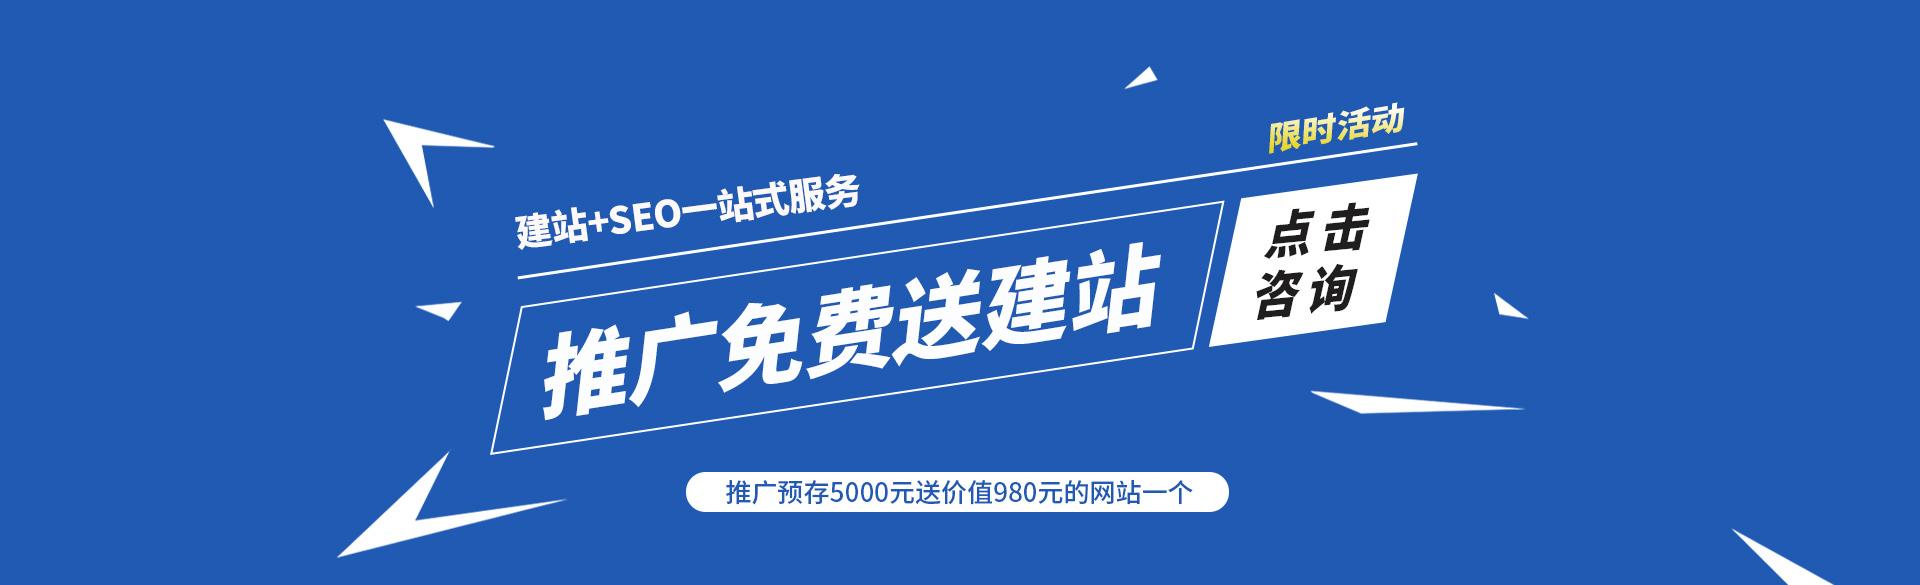 限时活动!推广免费送建站,推广预存5000元送价值980元的亚博app体育官网一个。